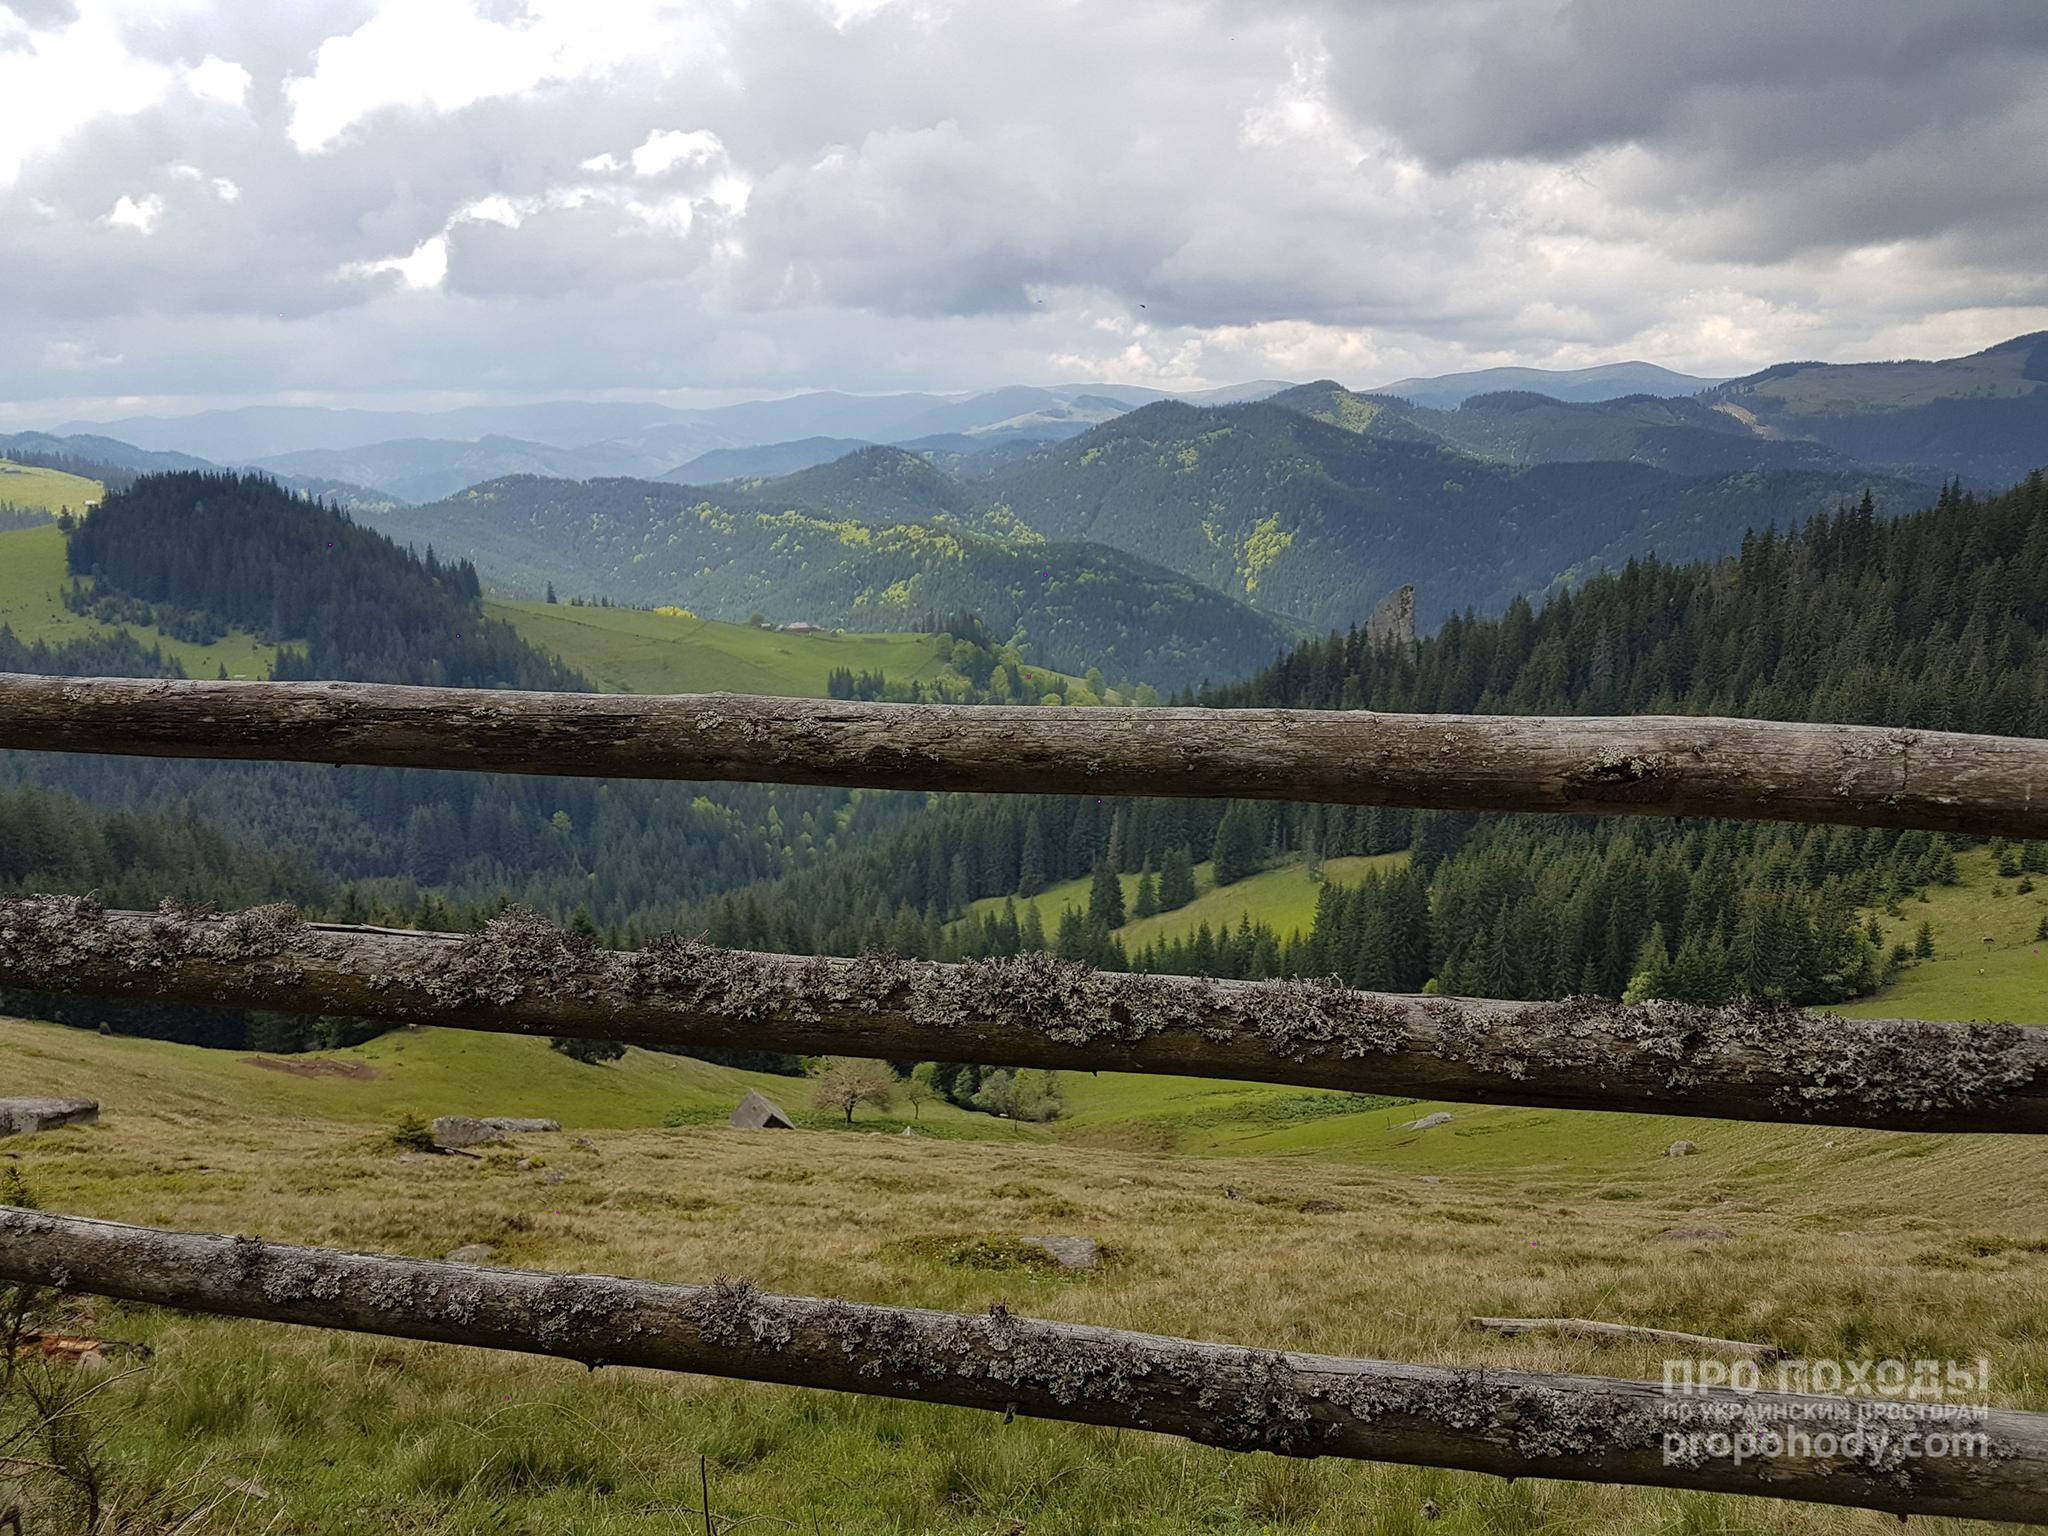 Гринявські гори. Паркан і краєвид